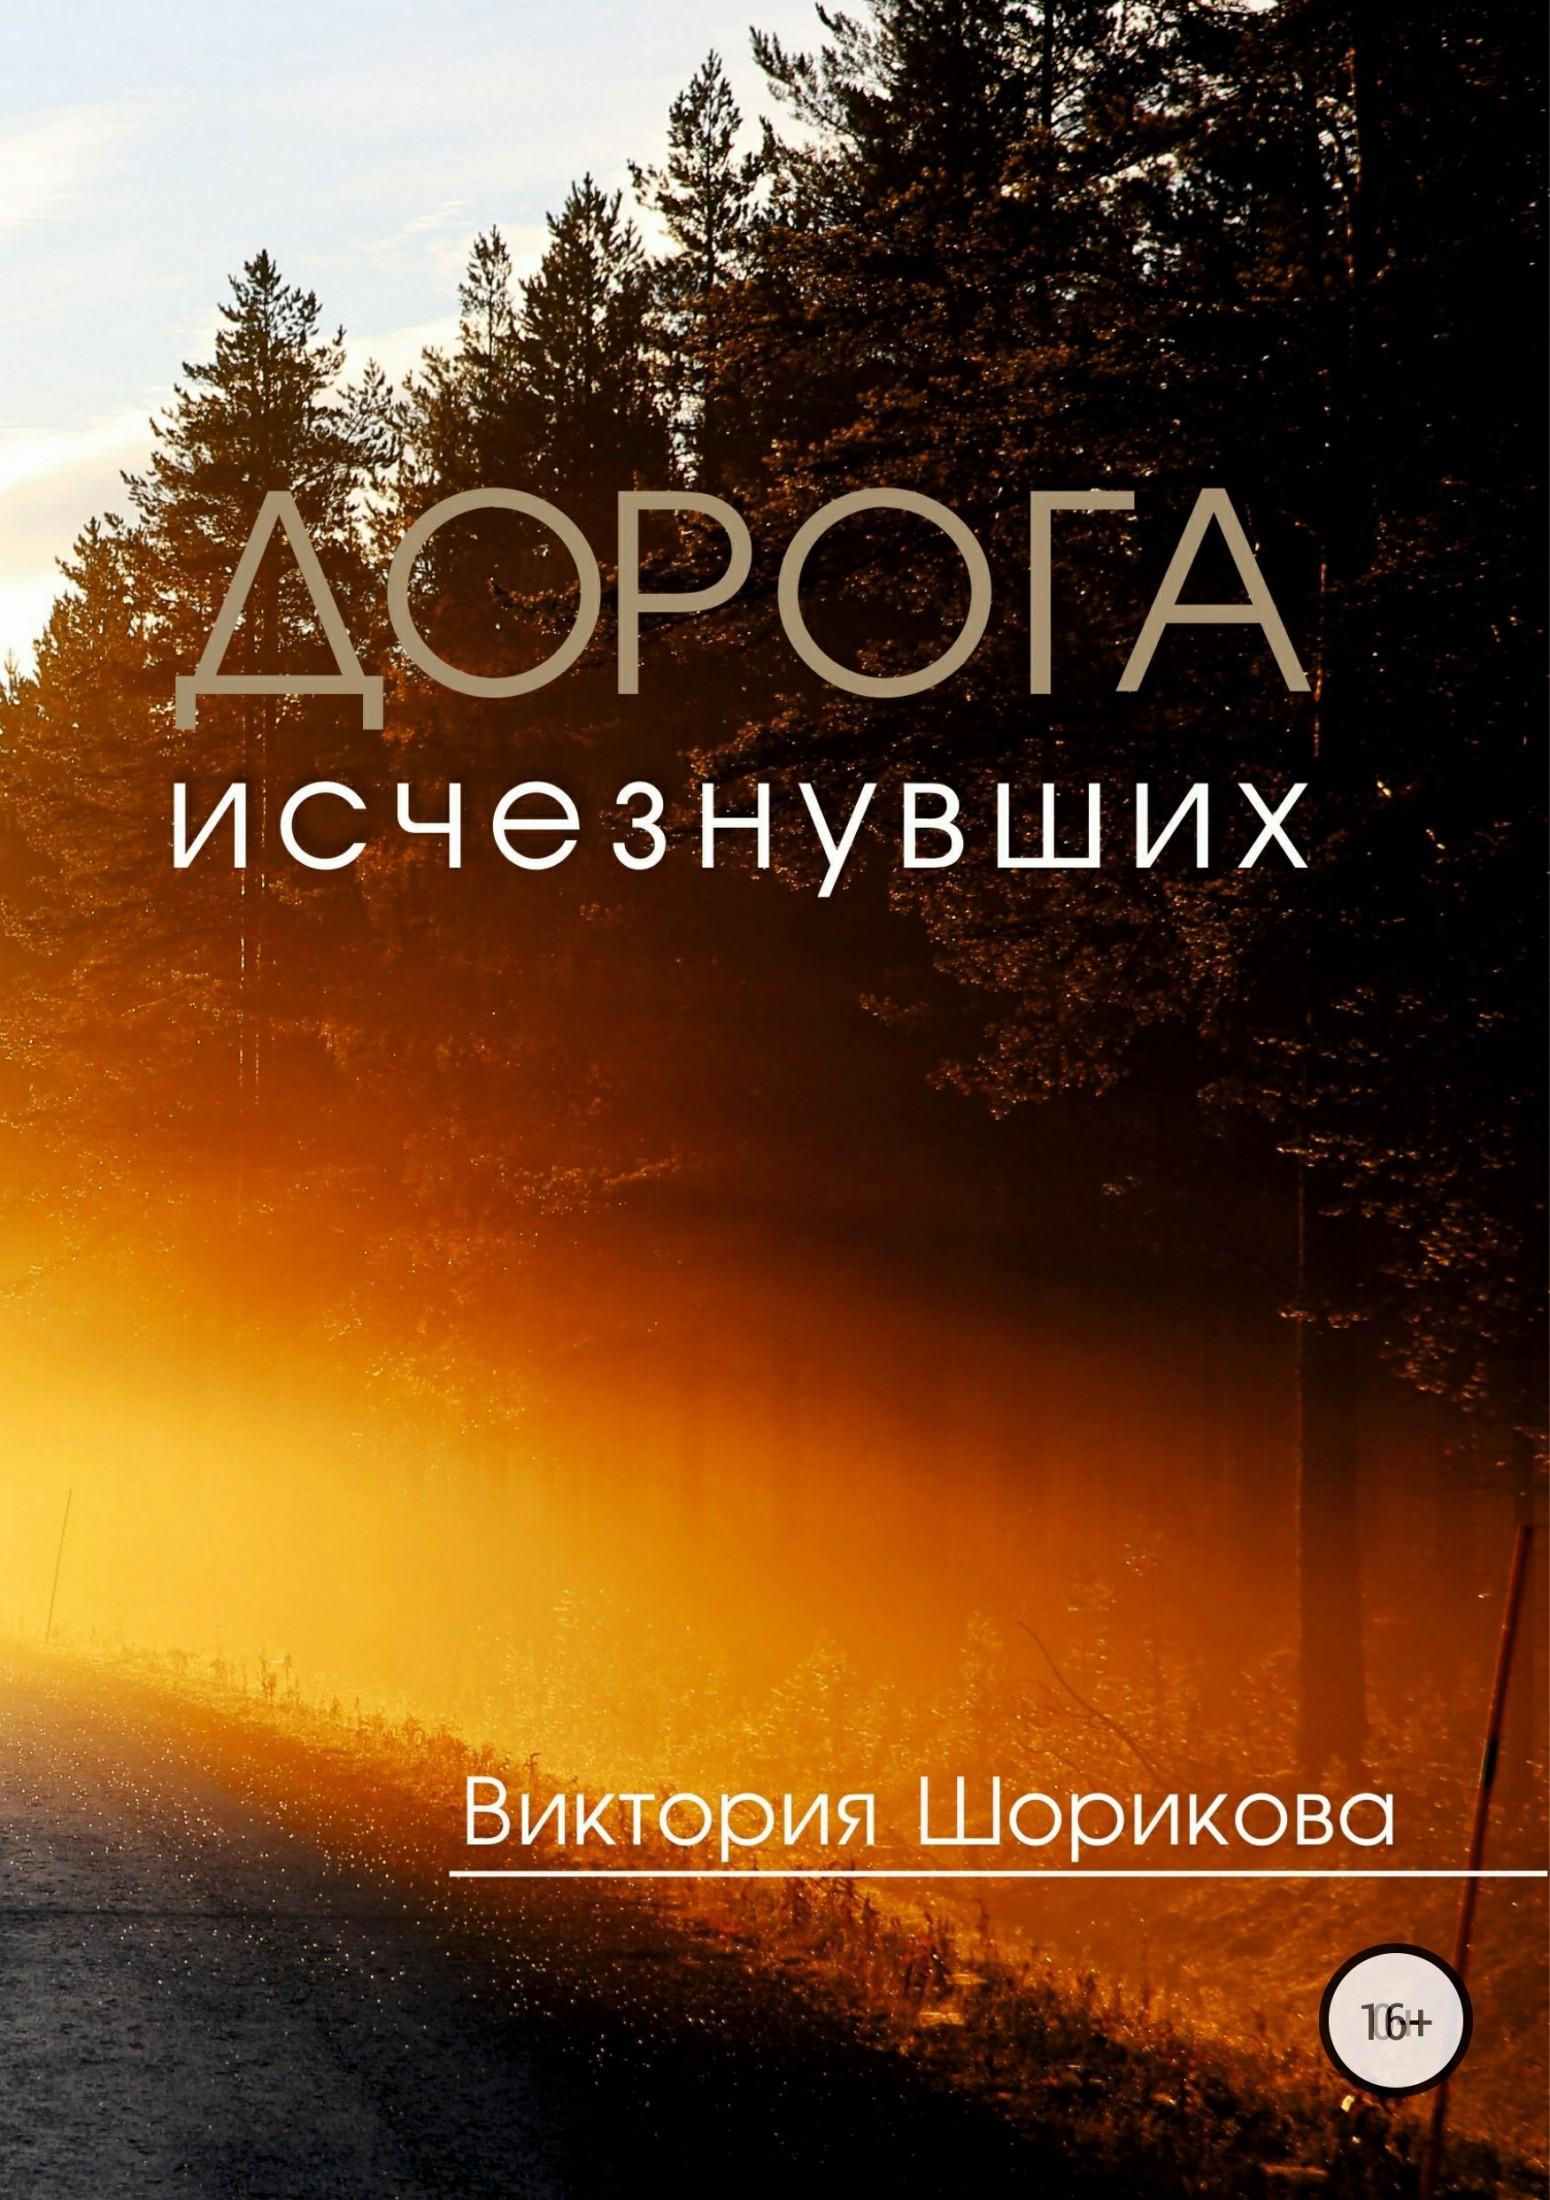 Виктория Владиславовна Шорикова. Дорога исчезнувших